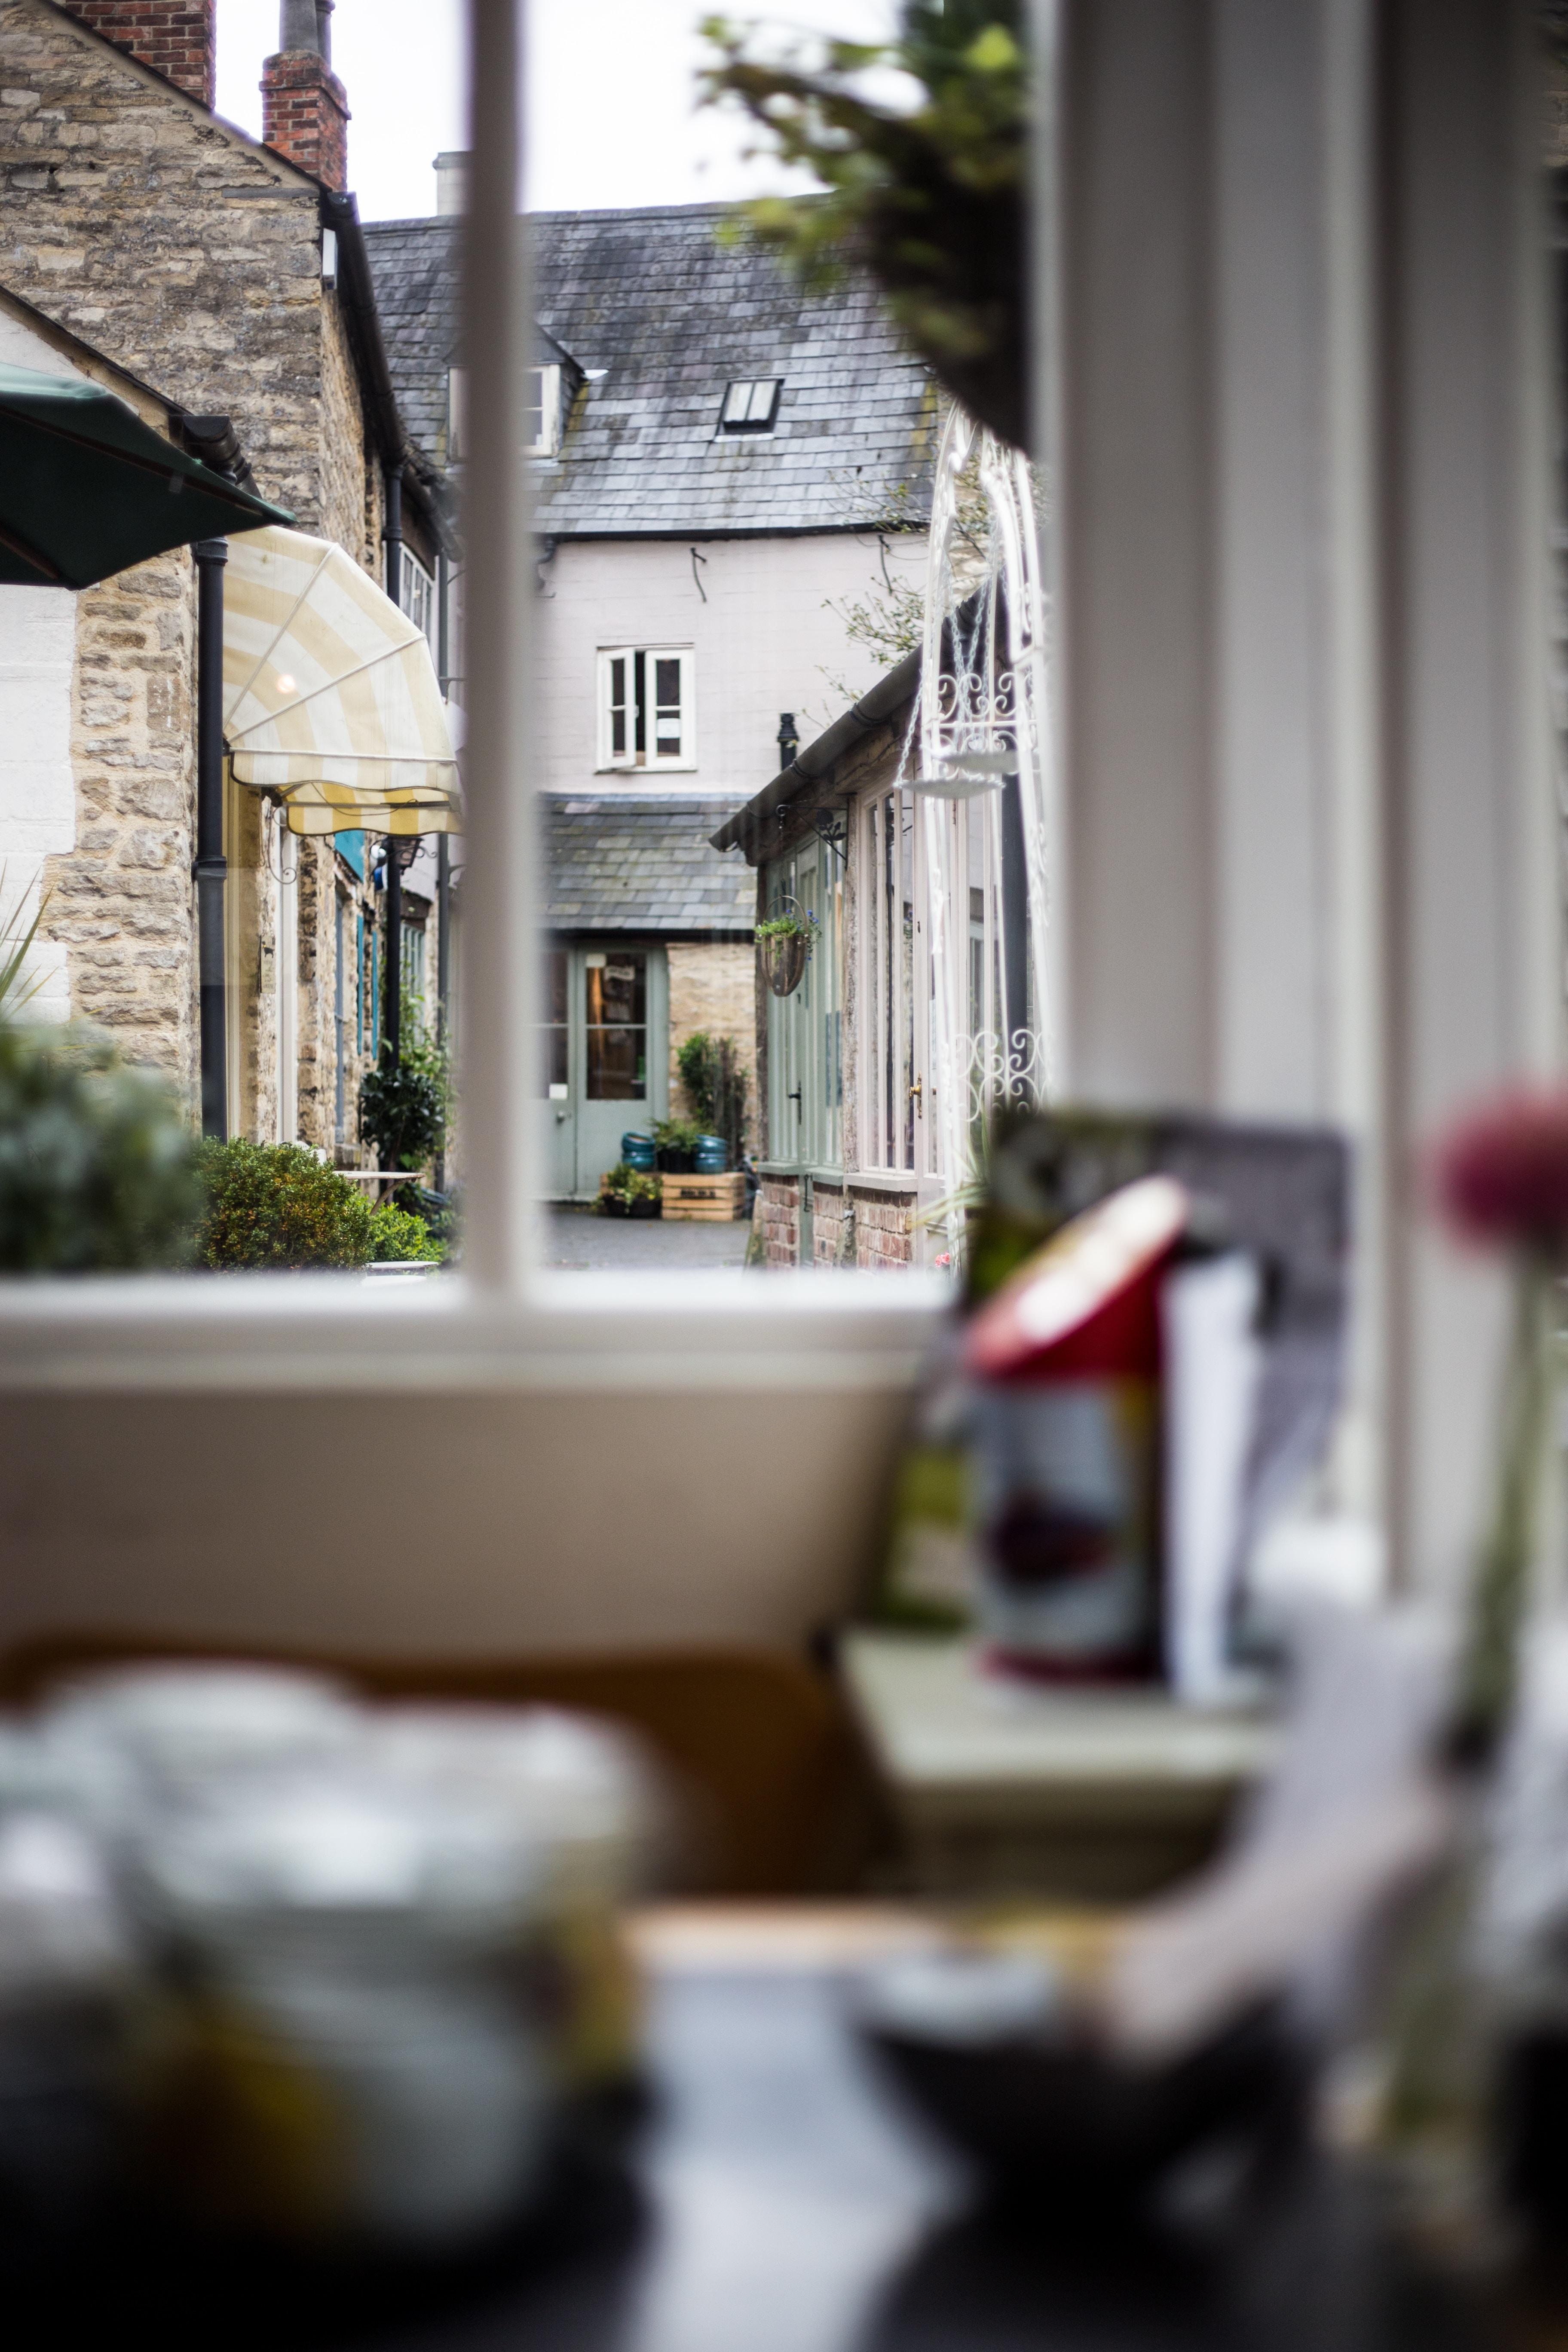 tilt-shift lens photography of window